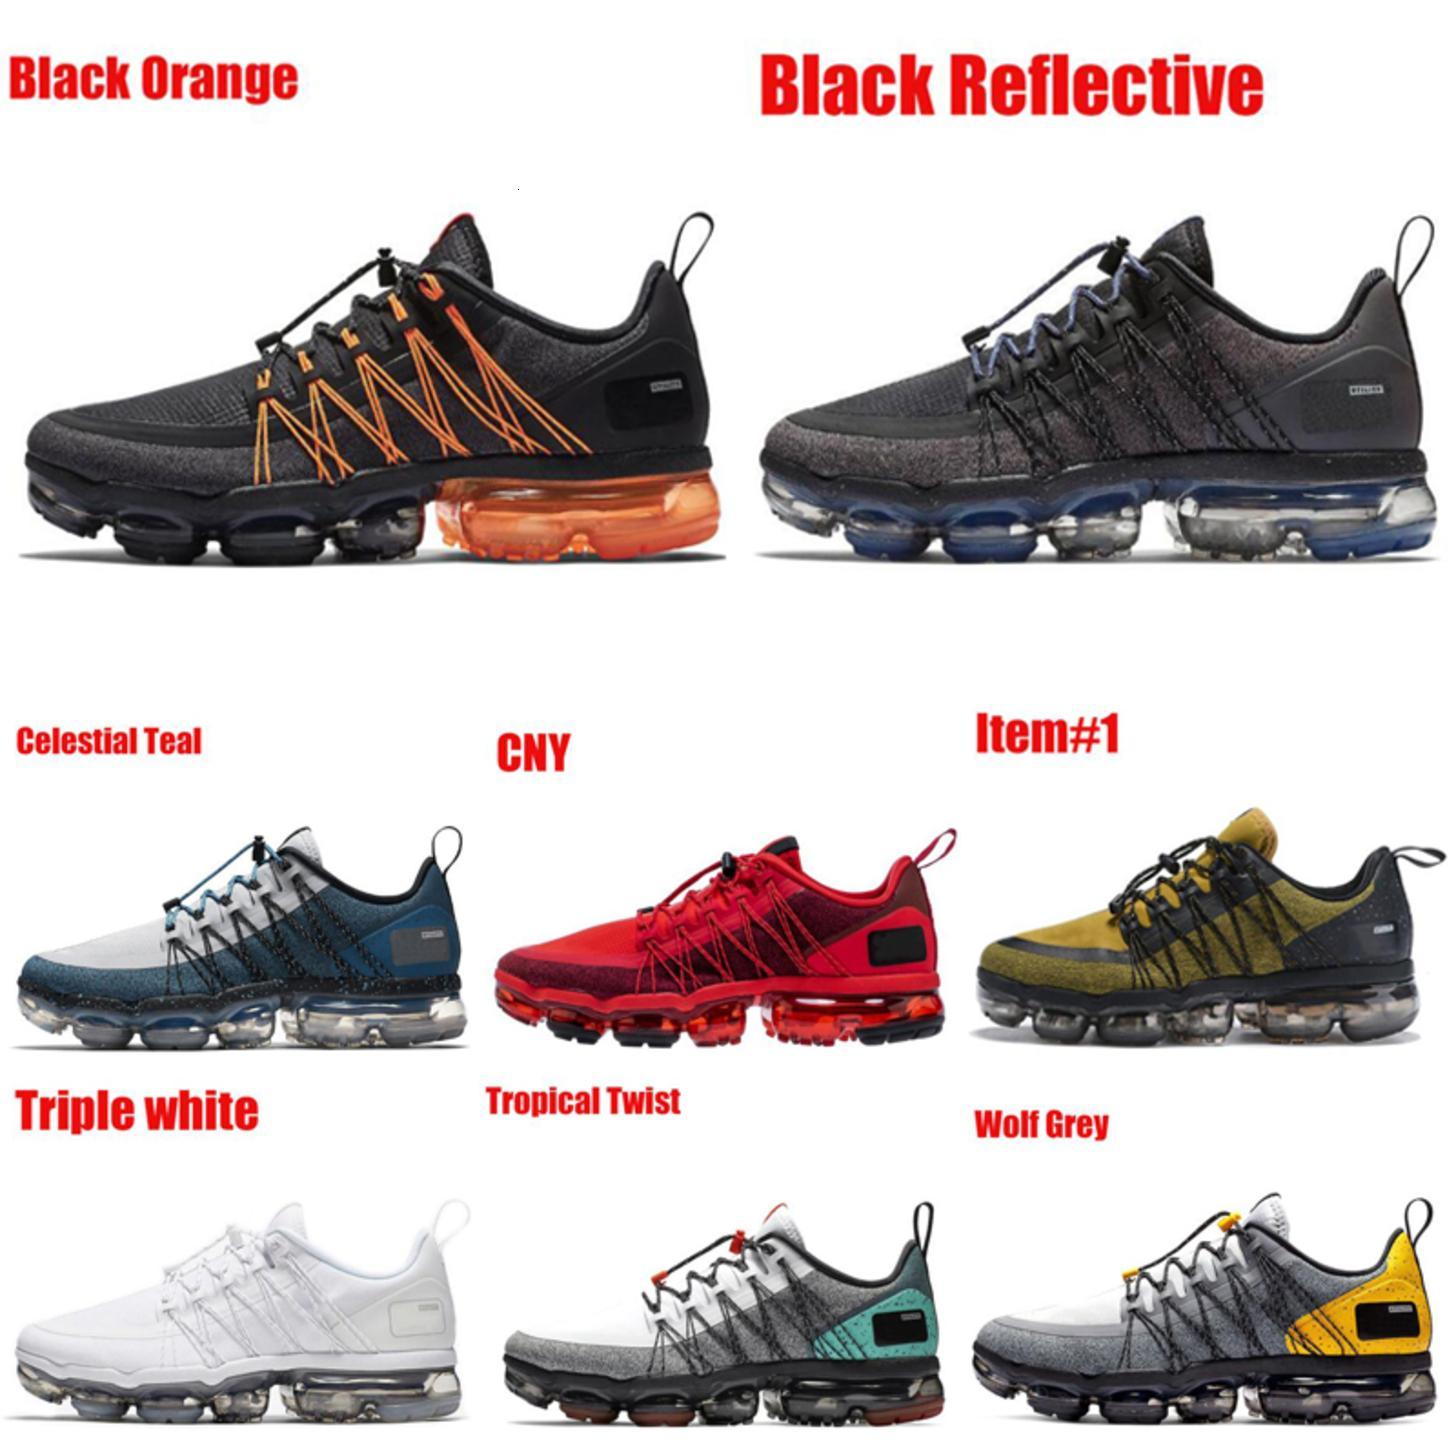 Classic Triple Black Run Utility Scarpe da corsa per uomo Donne Nuova Teal Celestiale CNY Tropicale Tropicale Twist Mens Trainer Sneakers Runner 40-45